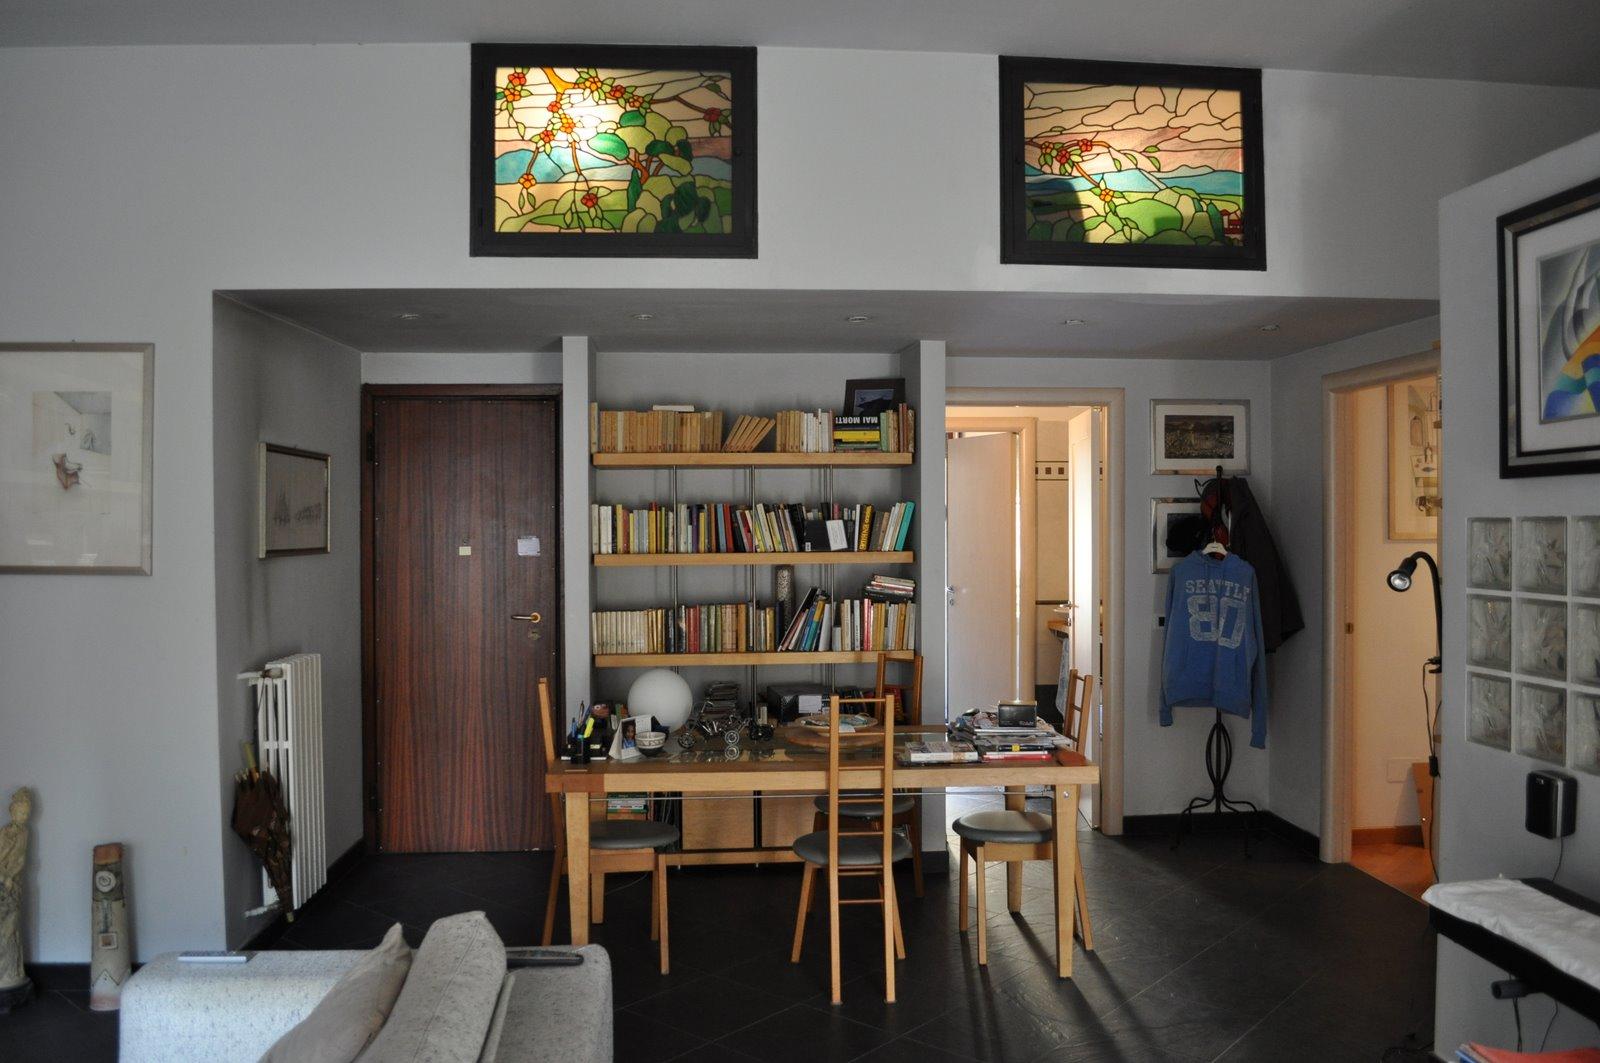 Il salone open space e la cucina appartamento in vendita 88mq via gamboloita milano zona - Salone e cucina open space ...